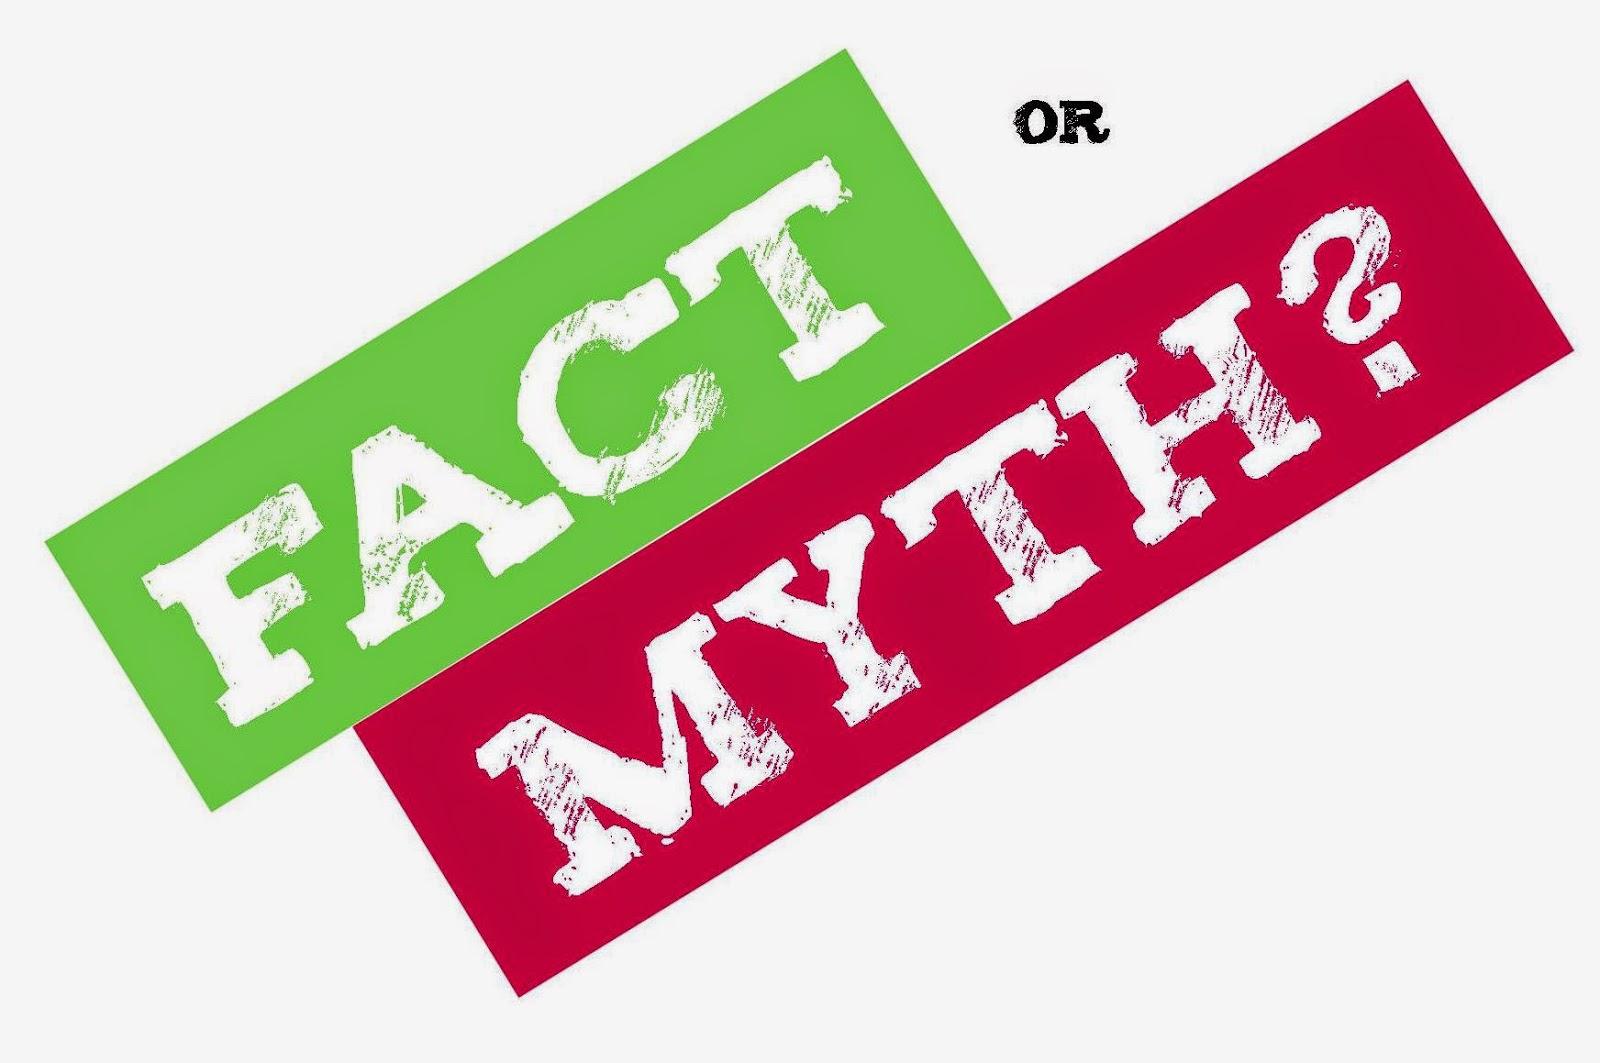 10 Kebohongan Yang Orang Pikir Adalah Fakta